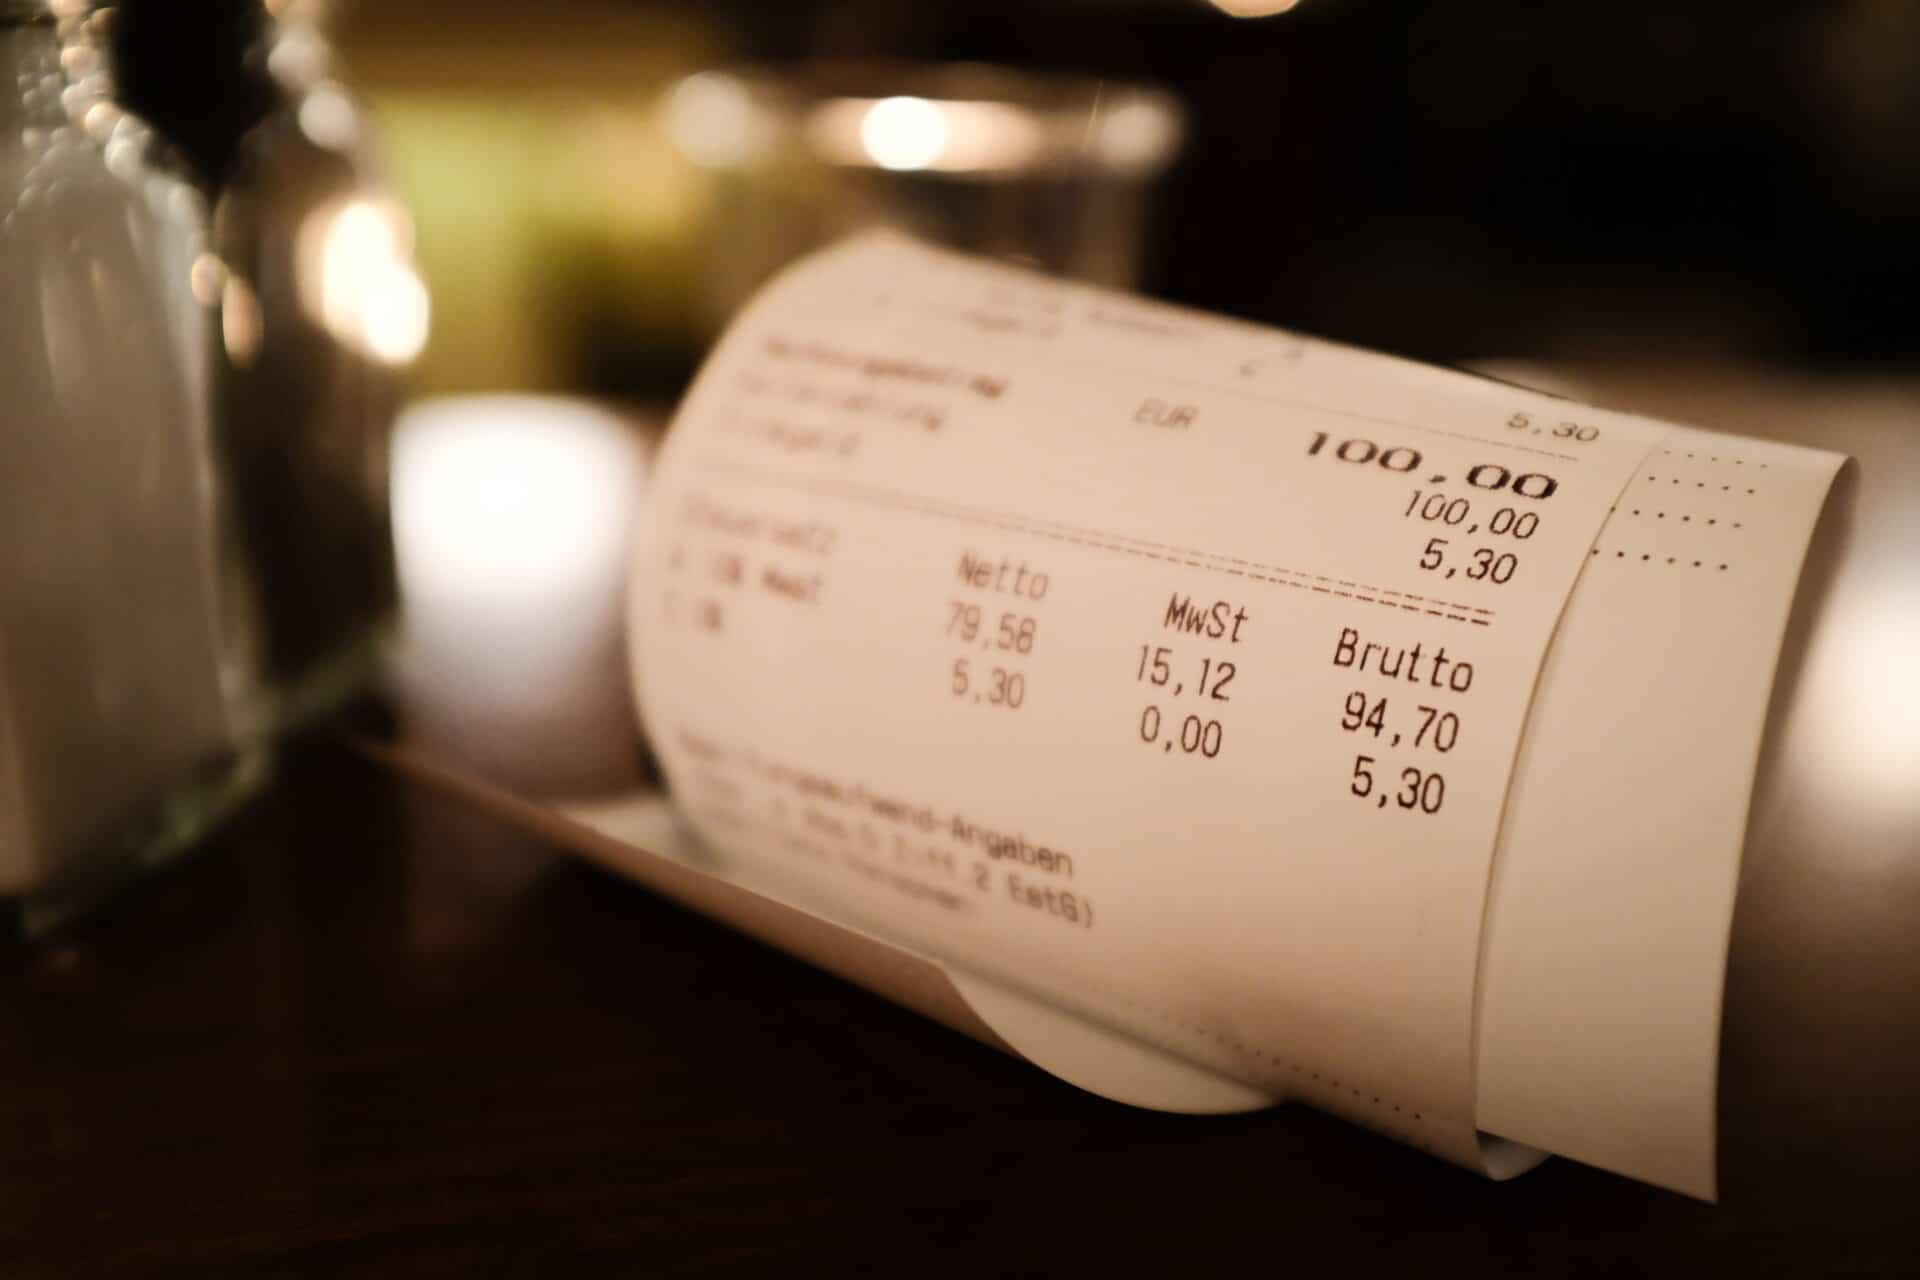 Für die Gastronomie wird die Mehrwertsteuer befristet gesenkt